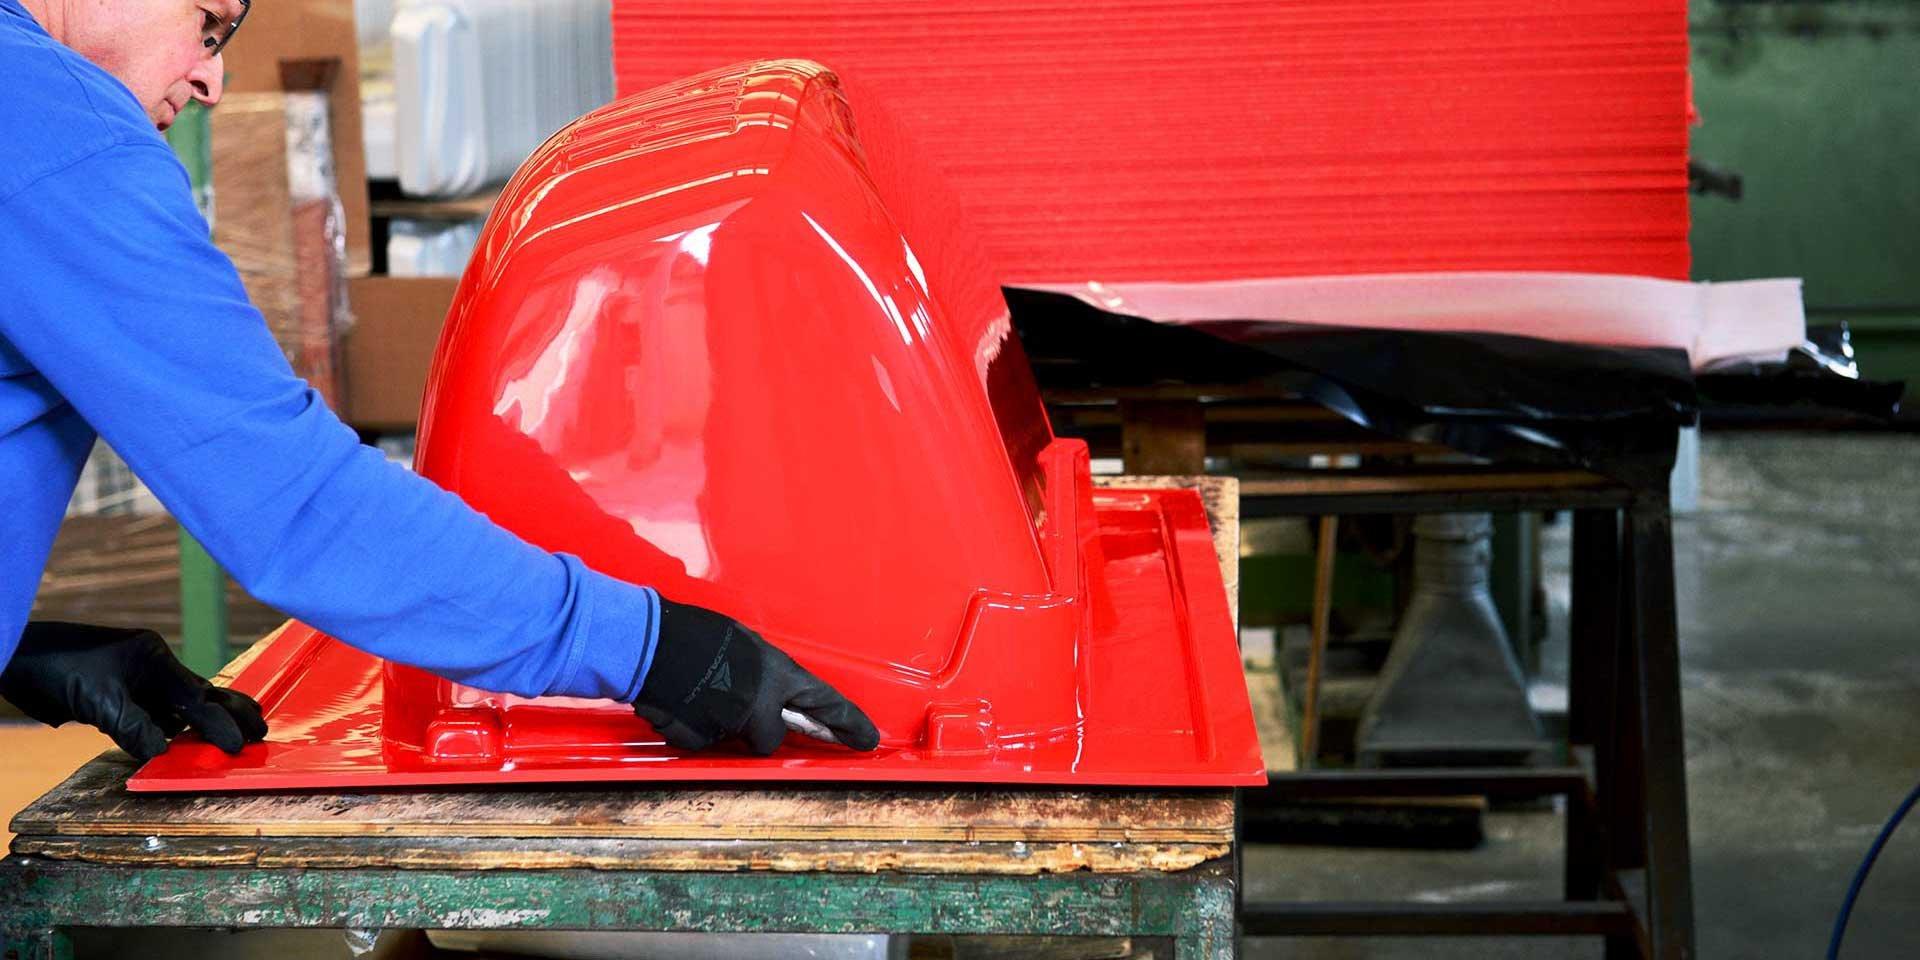 Termoformatura plastica per macchinari movimentazione terra